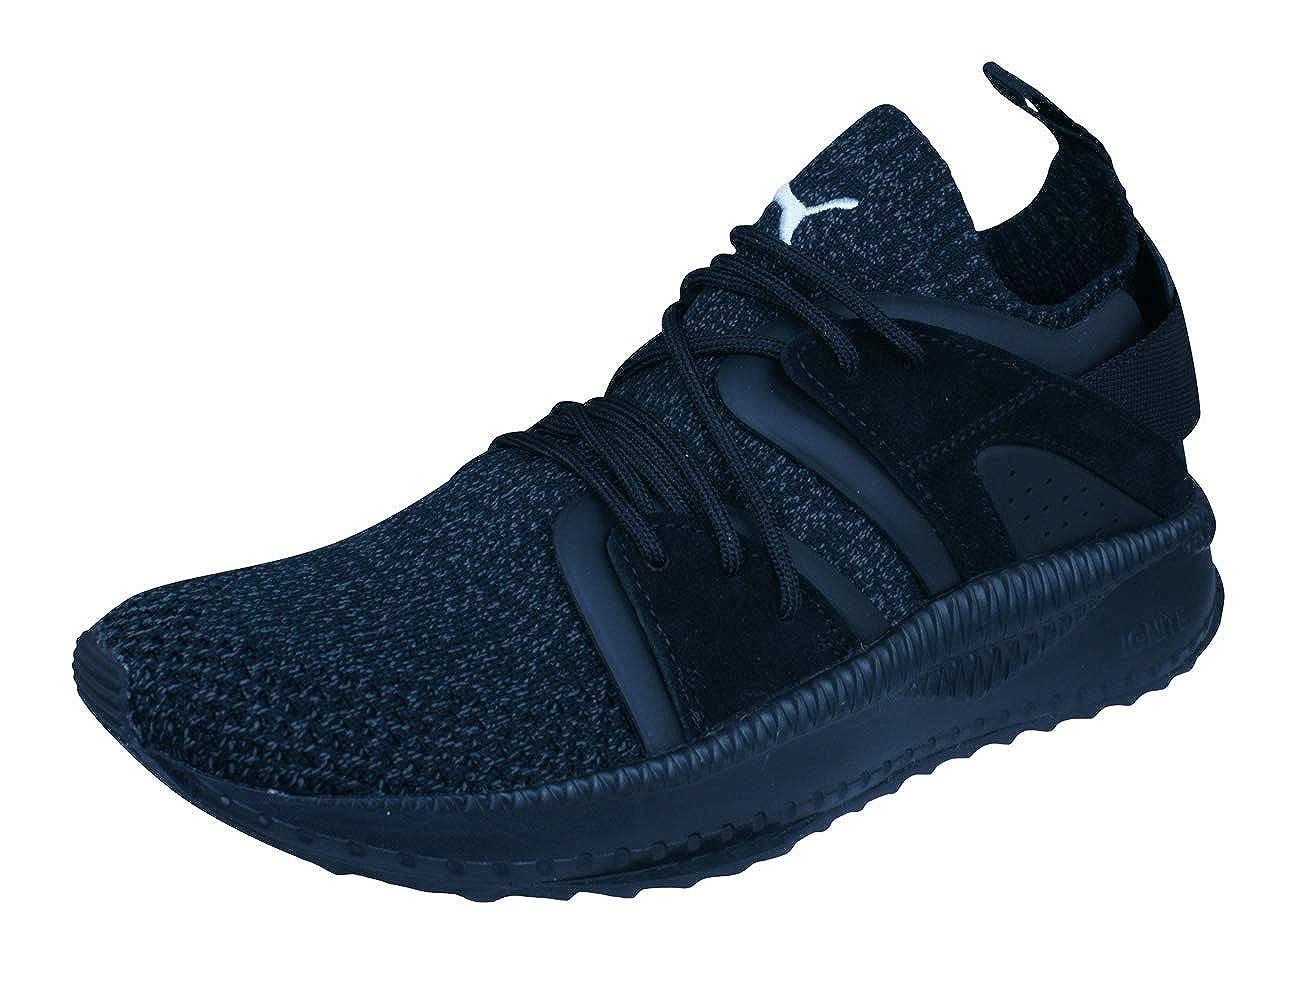 PUMA Tsugi Blaze Evoknit, Sneakers Basses Homme